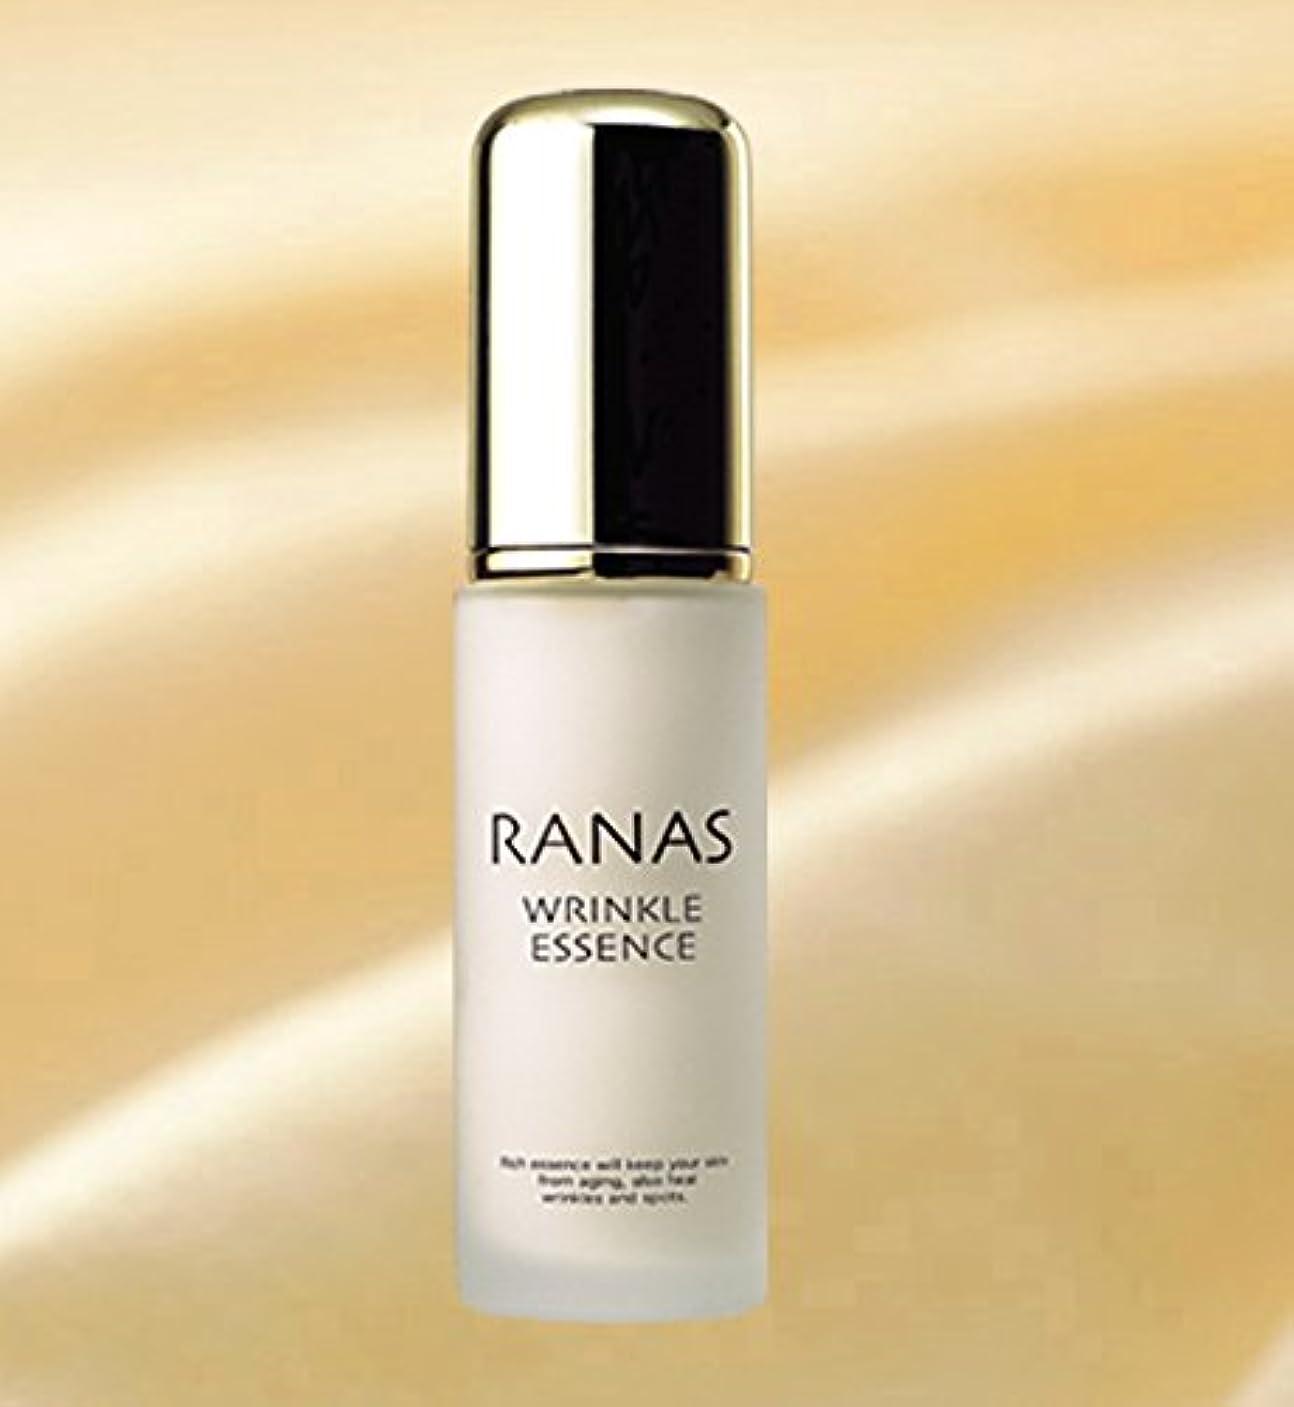 女の子計り知れない憲法ラナス スペシャル リンクルエッセンス (30ml) Ranas Special Wrinkle Essence (Beauty Essence)